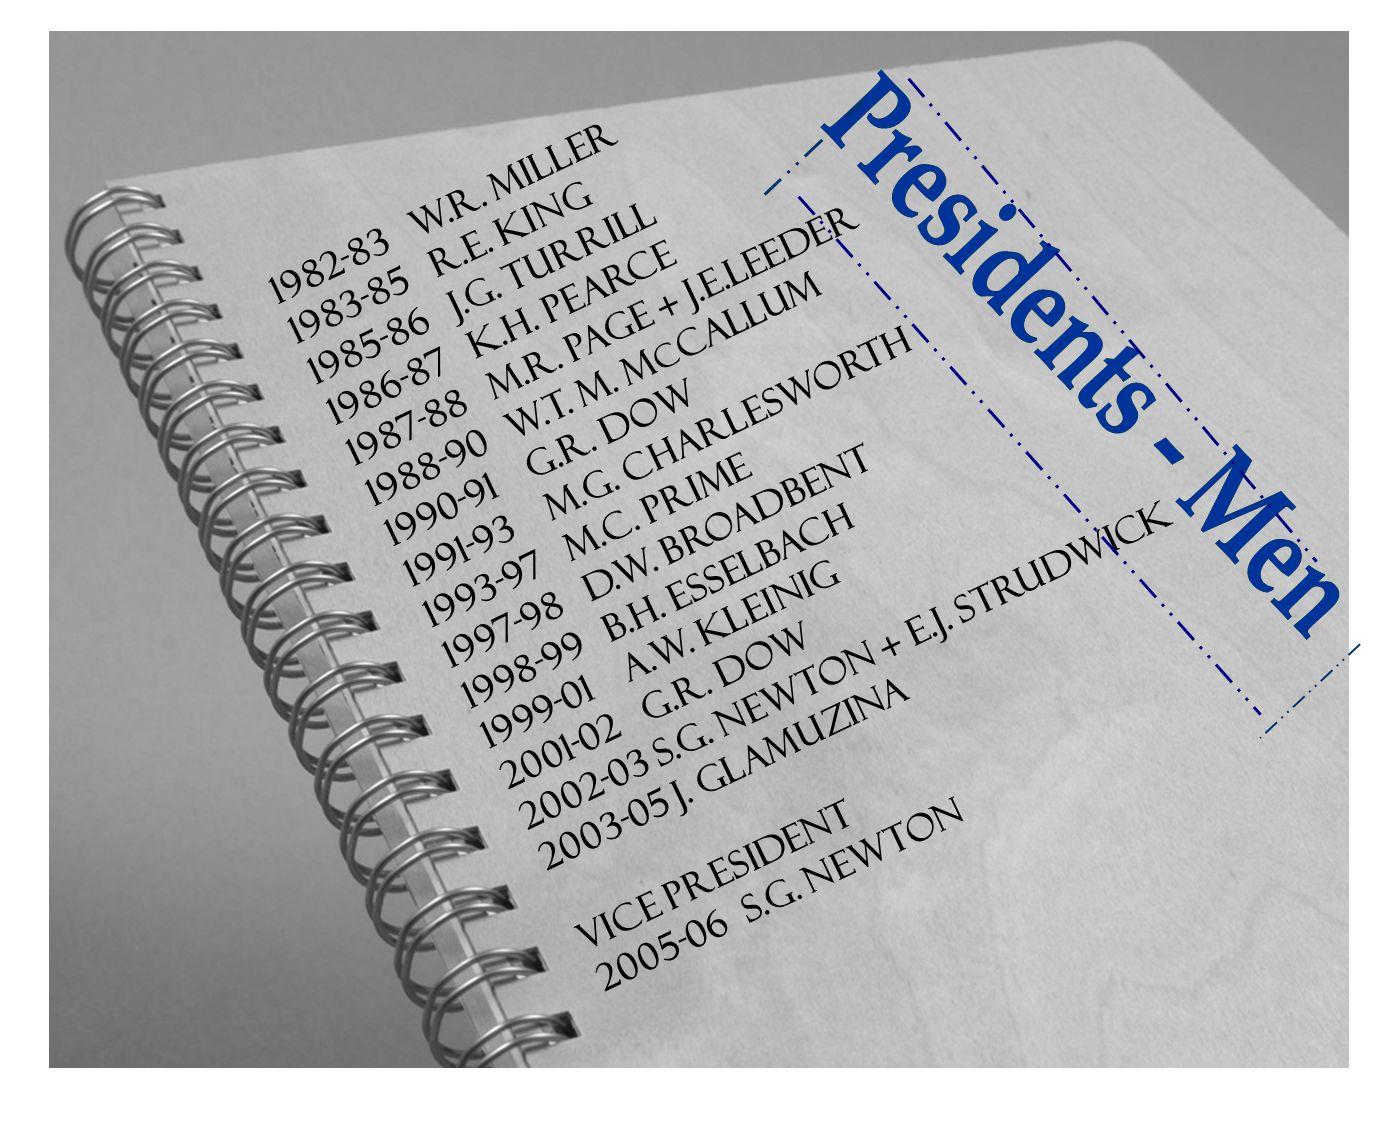 1982-83 W.R. MILLER 1983-85 R.E. KING 1985-86 J.G. TURRILL 1986-87 K.H. PEARCE 1987-88 M.R. PAGE + J.E.LEEDER 1988-90 W.T. m. M C CALLUM 1990-91 G.R.